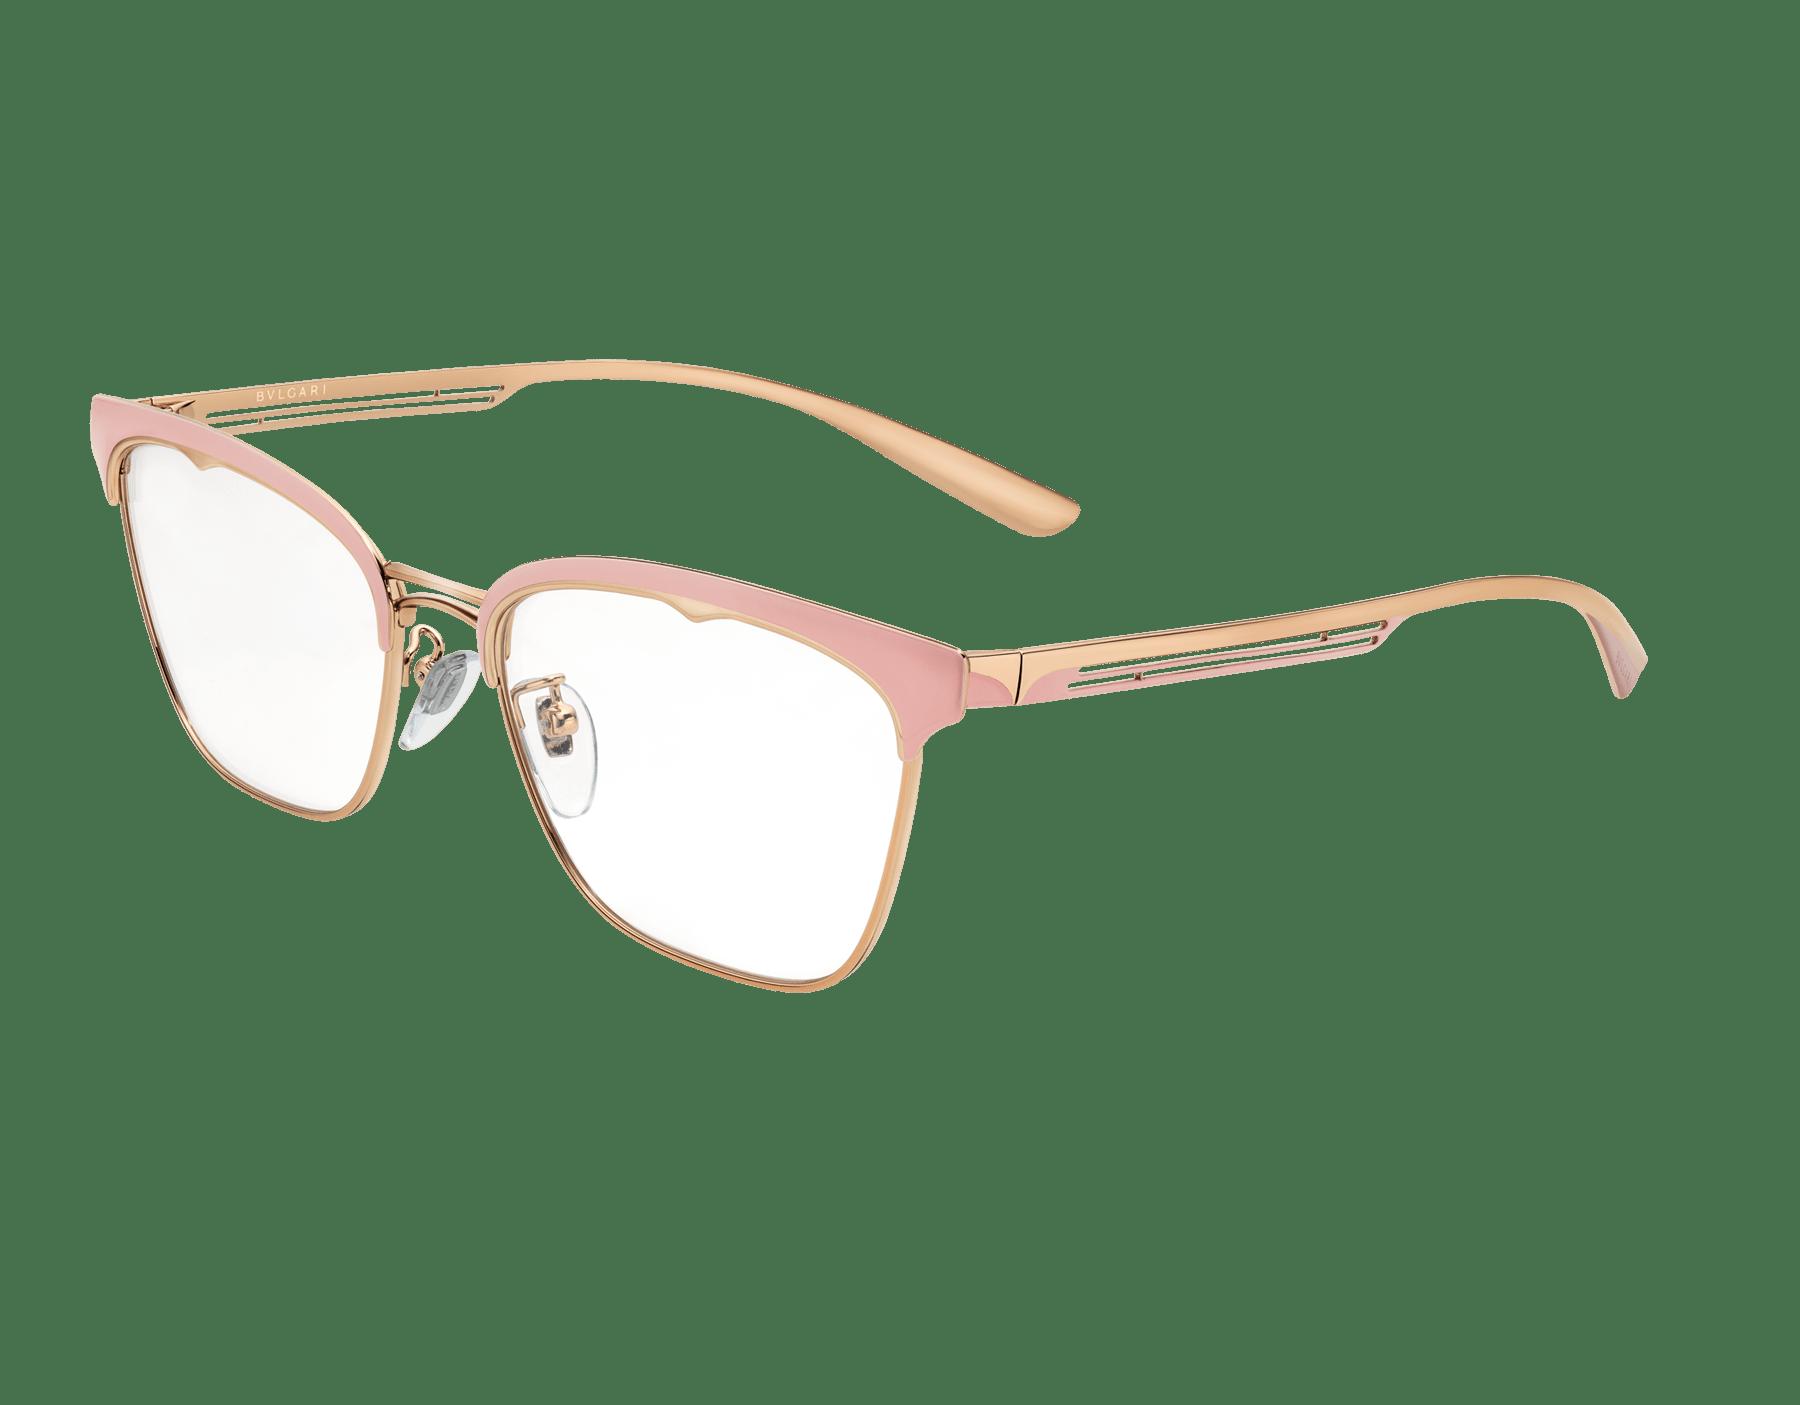 نظارات بولغري بي.زيرو1 بي.غلاسي-أب معدنية مستطيلة الشكل. 904015 image 1